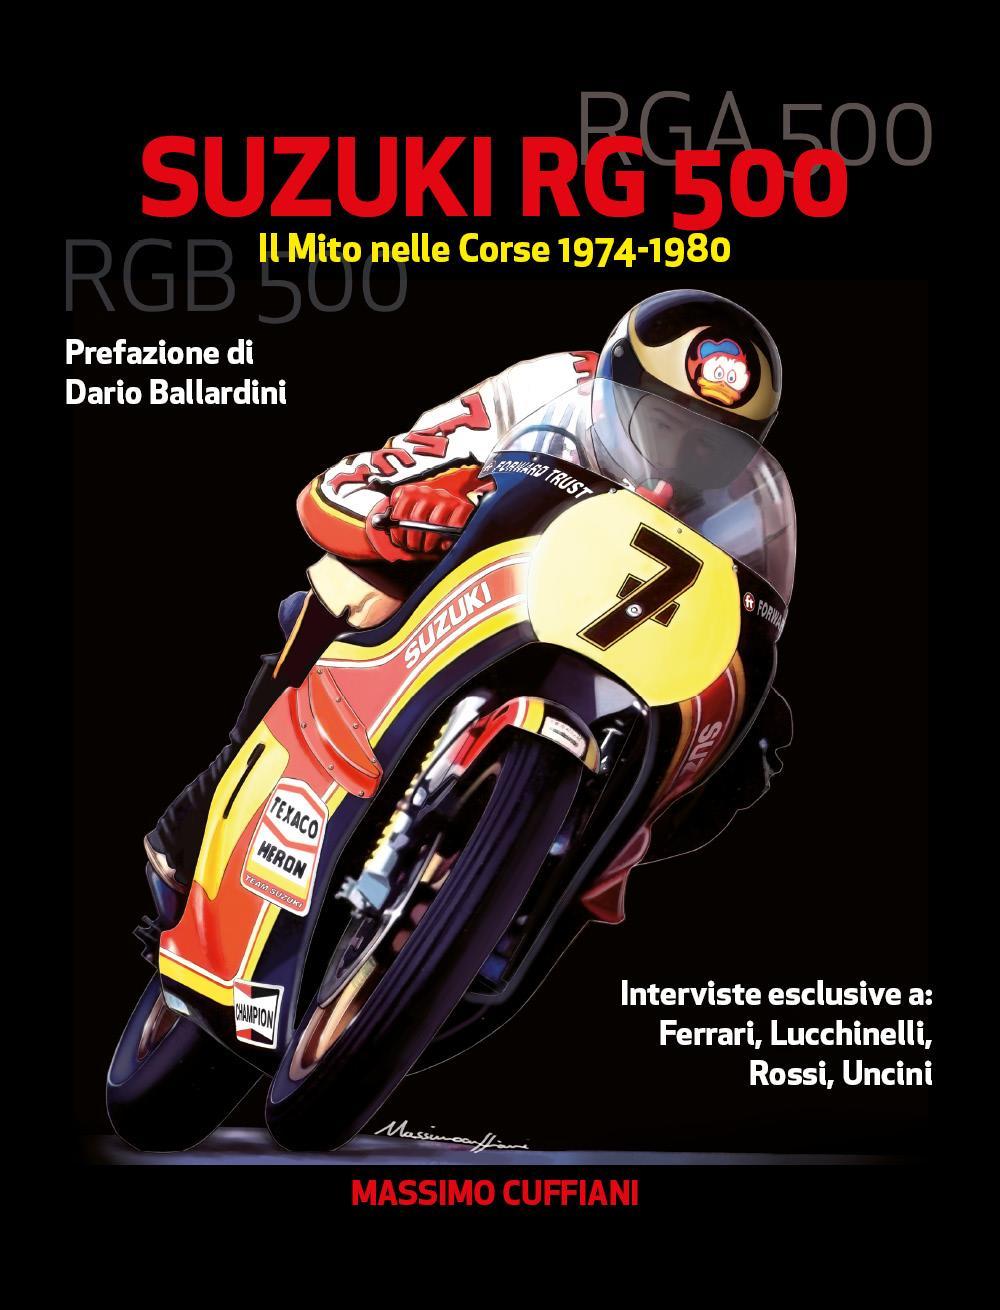 Suzuki RG 500 - Il Mito nelle Corse